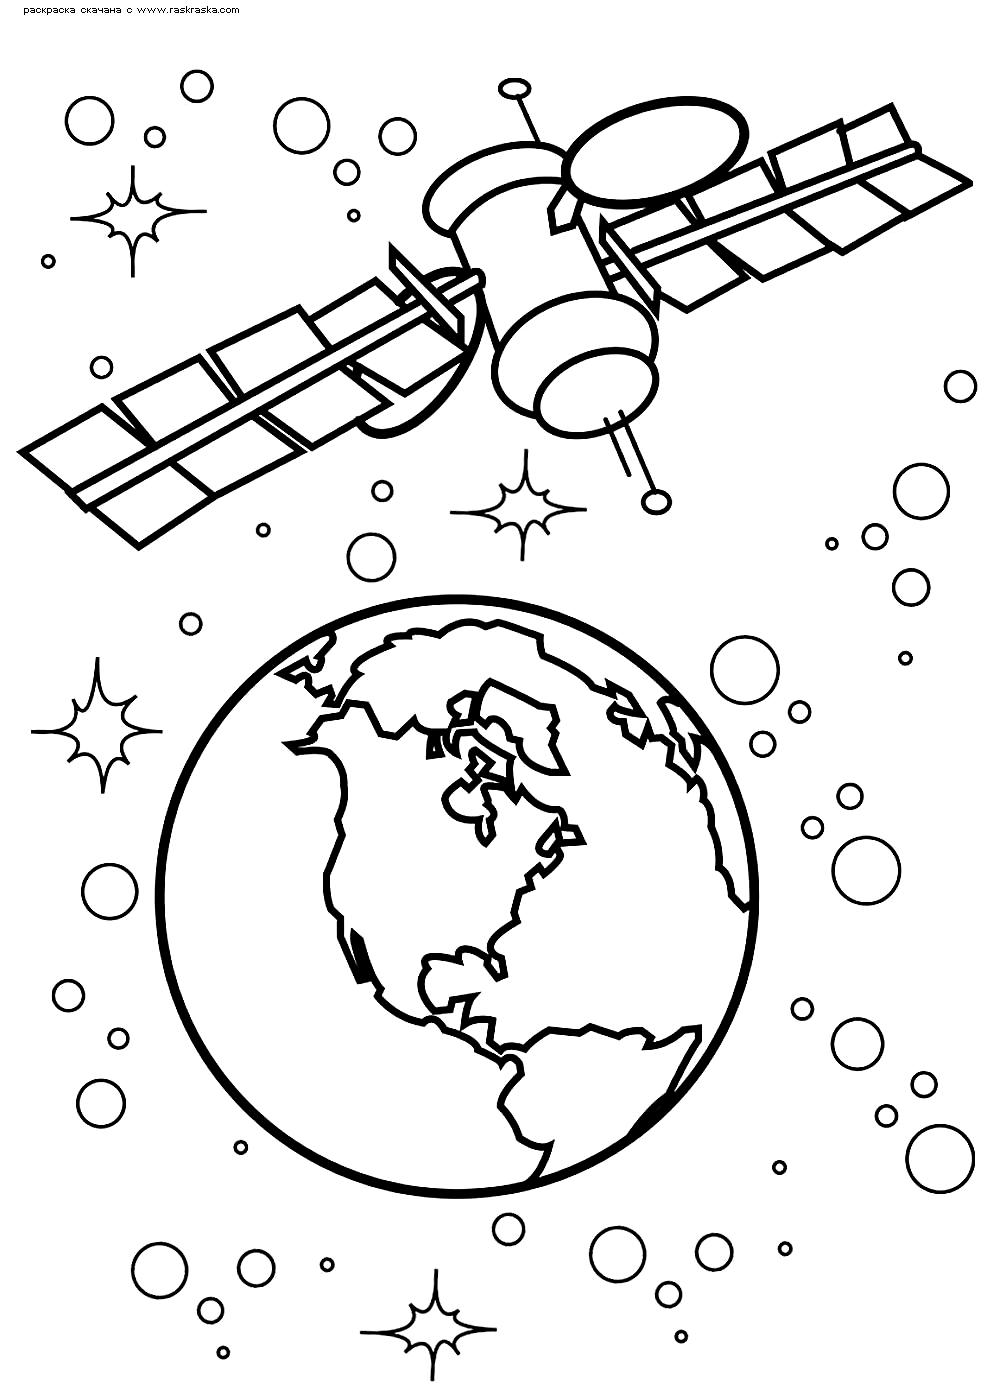 Раскраска Станция на орбите | Раскраски космос ...